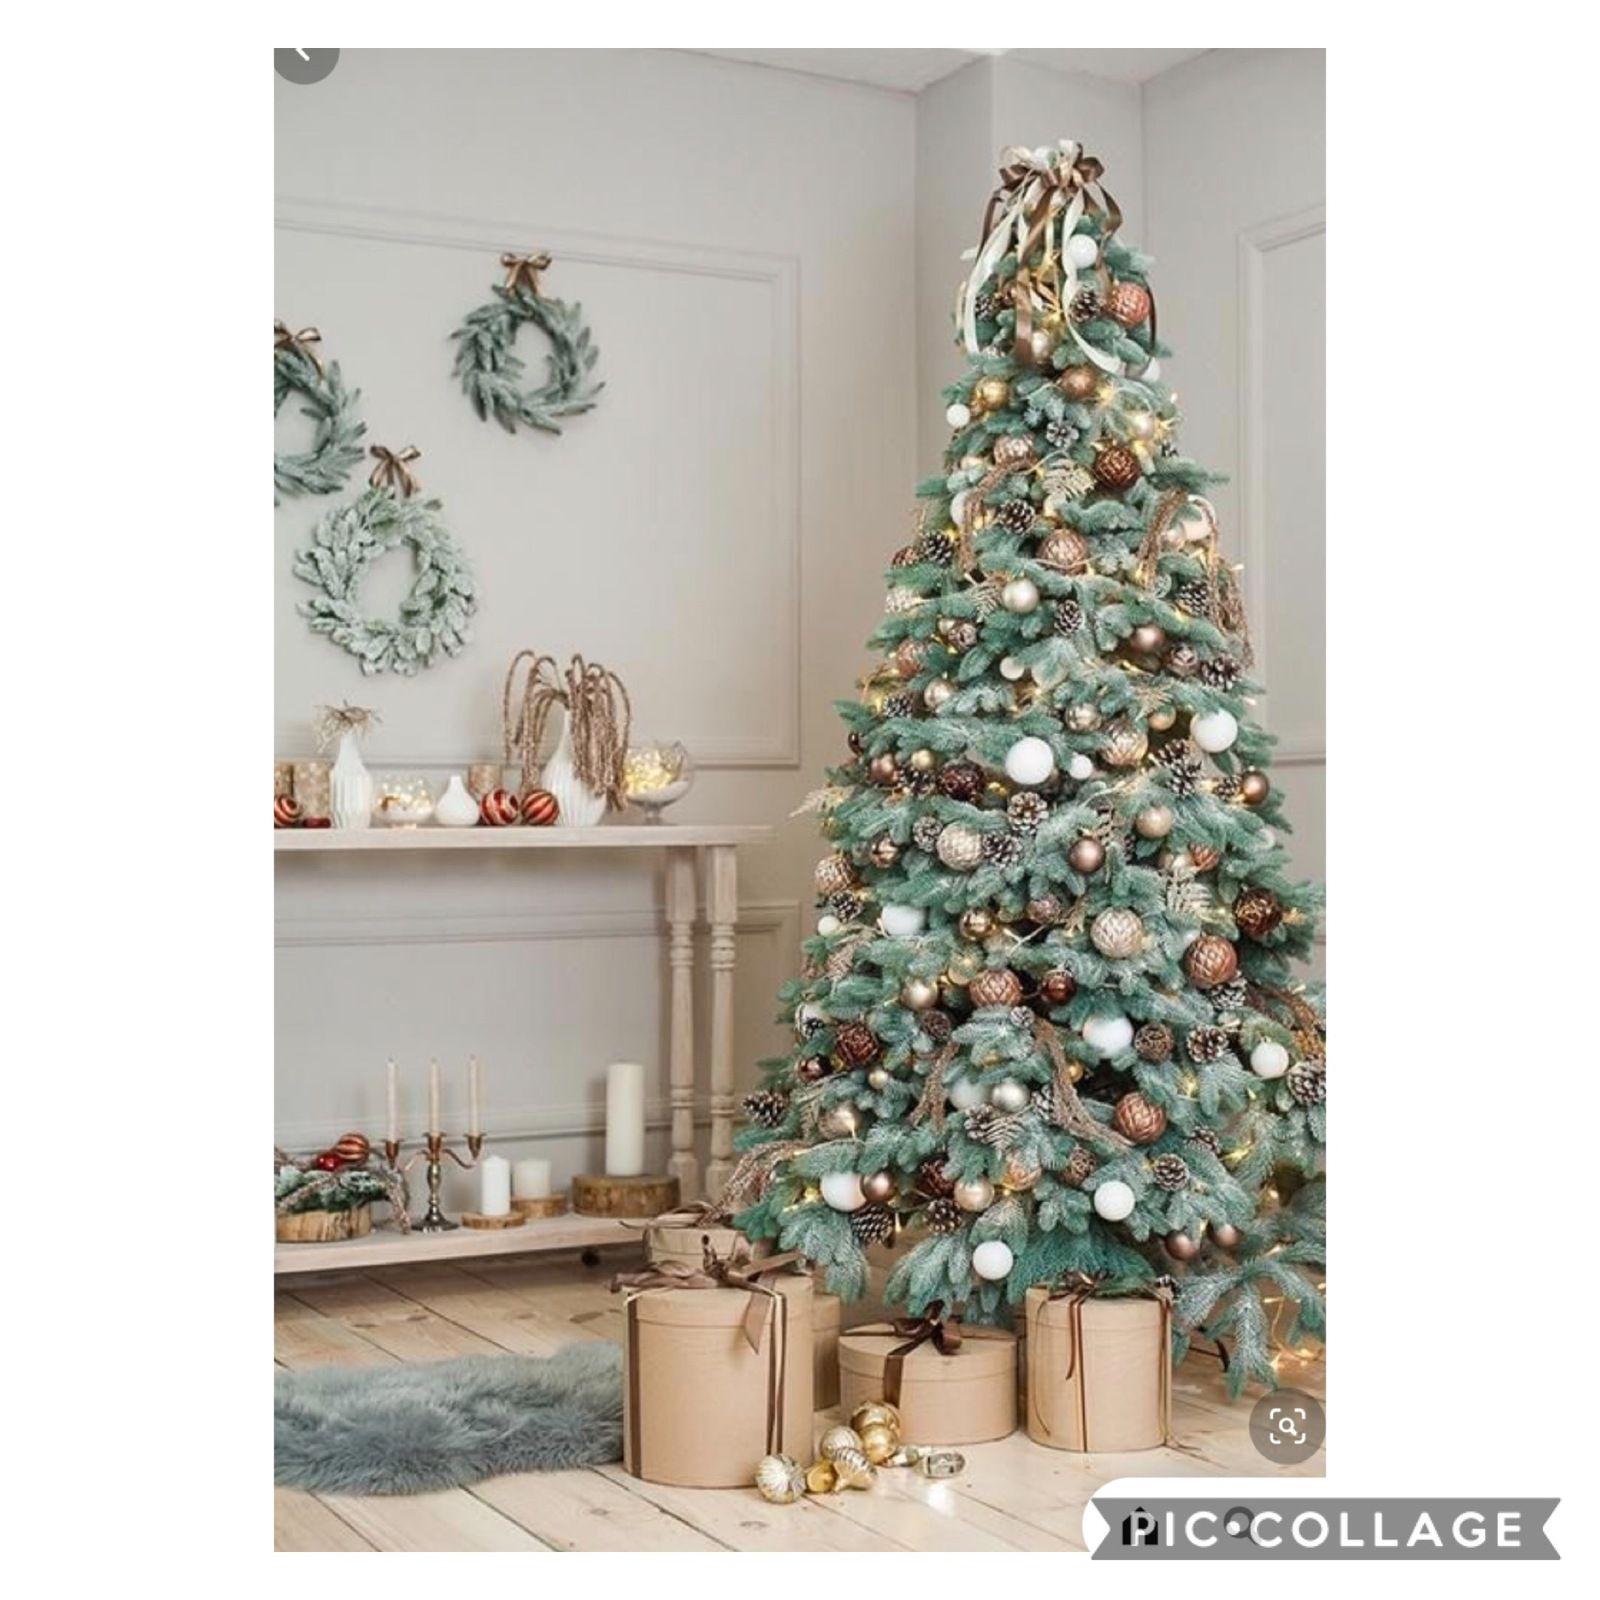 Une multitude de boules de Noel, en camaïeu de blanc, beige, marron font une très belle parure pour ce sapin (source photos pinterest)